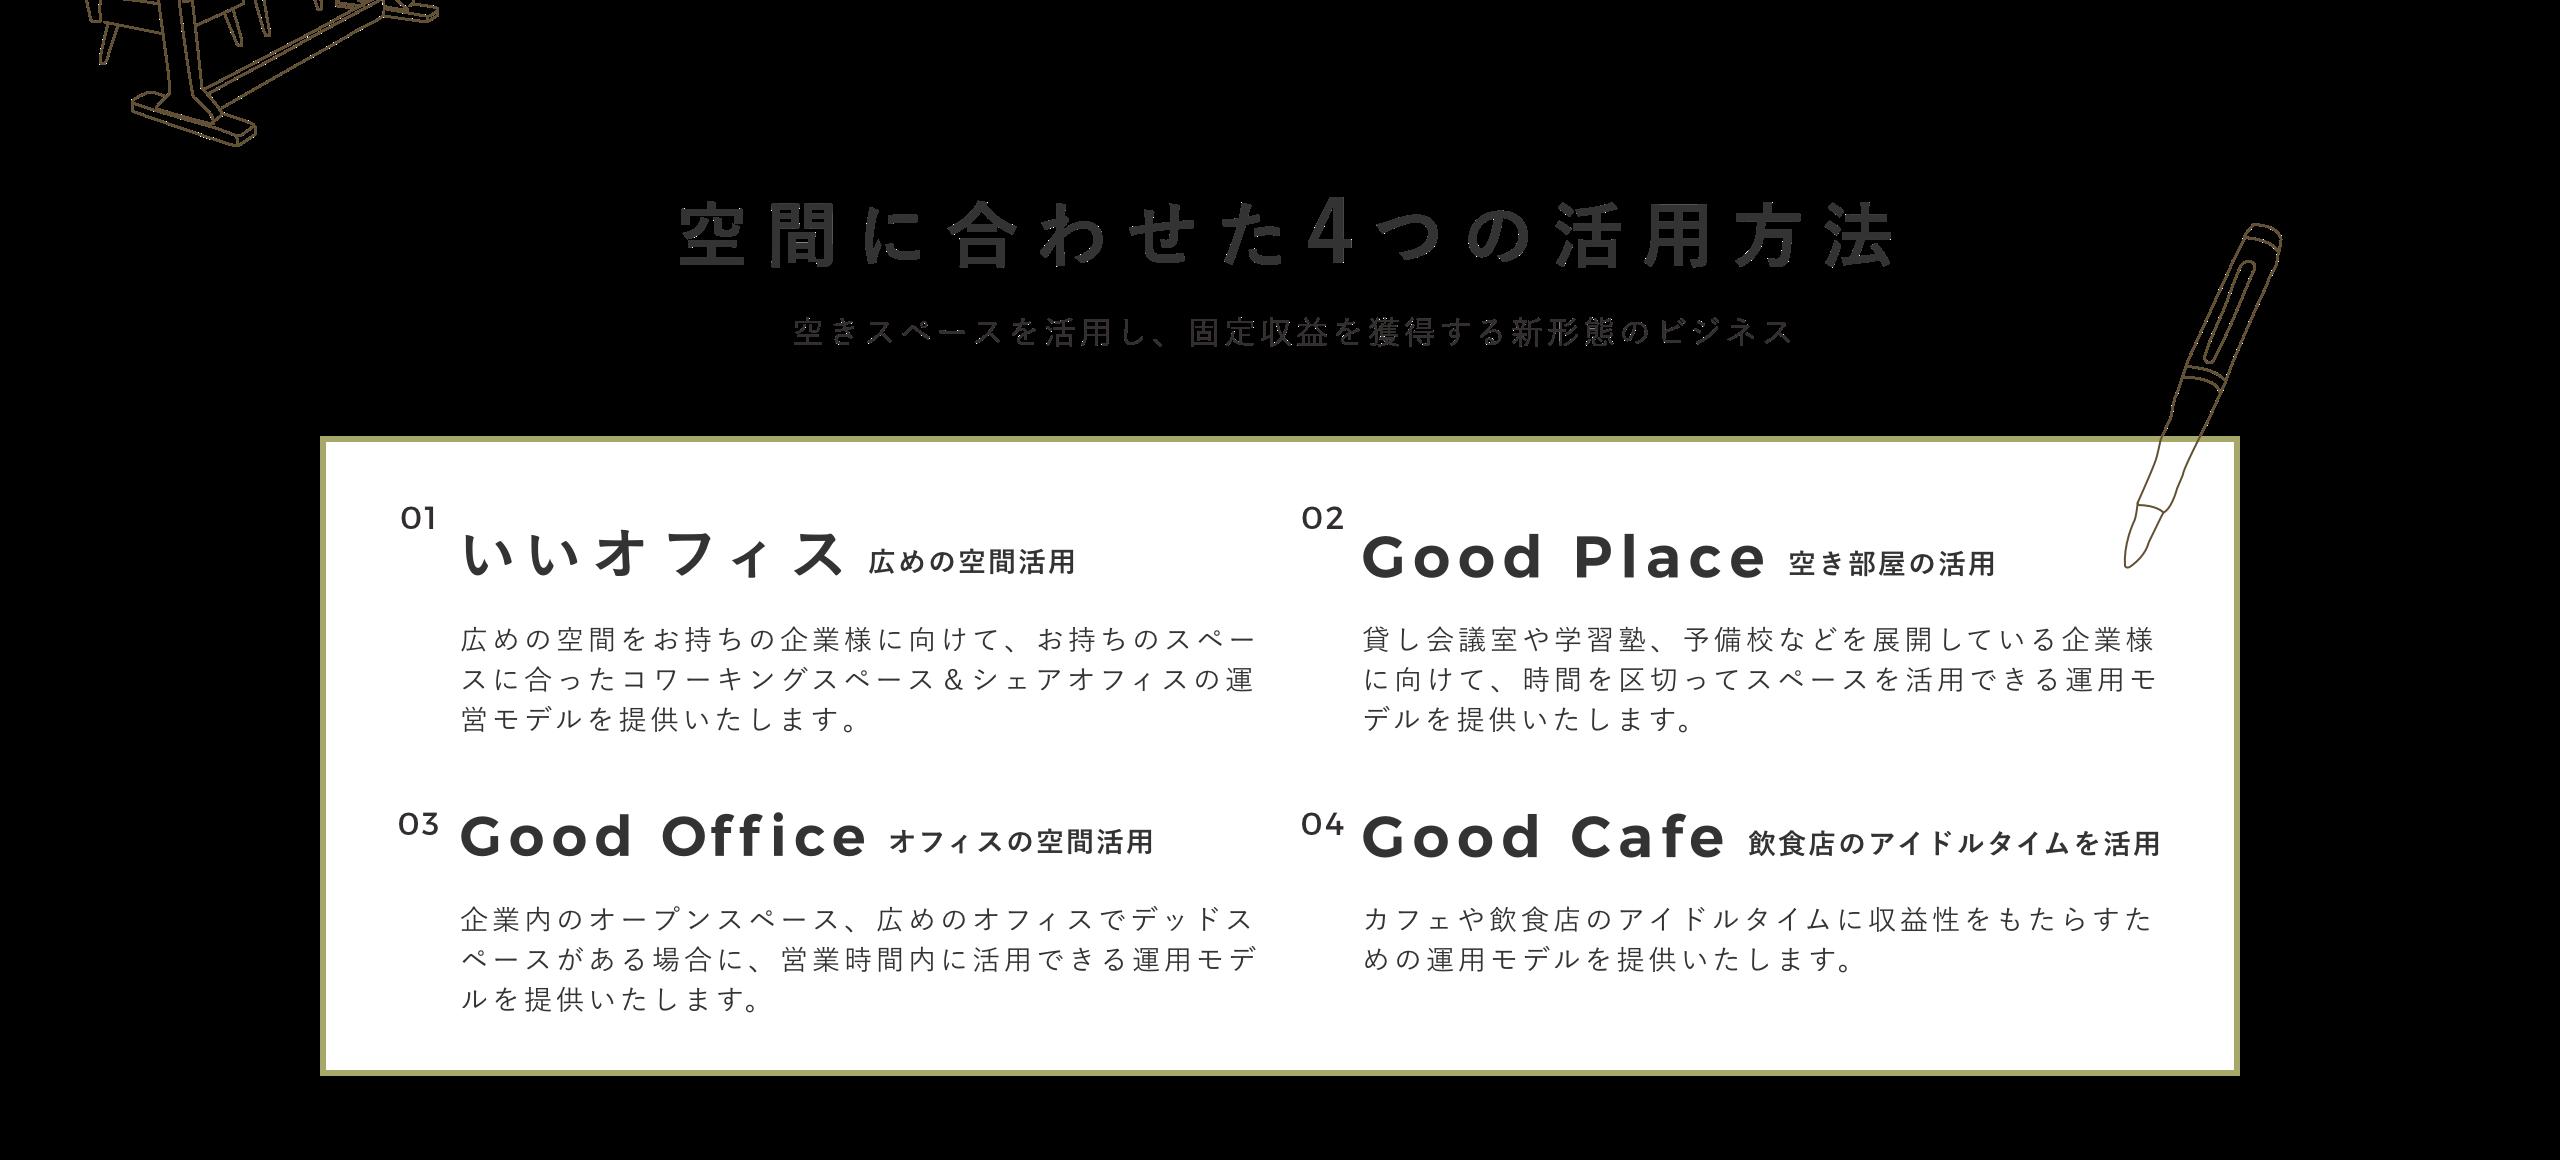 空間に合わせた4つの活用方法 空きスペースを活用し、固定収益を獲得する新形態のビジネス 「いいオフィス(広めの空間活用)」広めの空間をお持ちの企業様に向けて、お持ちのスペースに合ったコワーキングスペース&シェアオフィスの運営モデルを提供いたします。 「Good Place(空き部屋の活用)」貸し会議室や学習塾、予備校などを展開している企業様に向けて、時間を区切ってスペースを活用できる運用モデルを提供いたします。 「Good Office(オフィスの空間活用)」企業内のオープンスペース、広めのオフィスでデッドスペースがある場合に、営業時間内に活用できる運用モデルを提供いたします。 「Good Cafe(飲食店のアイドルタイムを活用)」カフェや飲食店のアイドルタイムに収益性をもたらすための運用モデルを提供いたします。